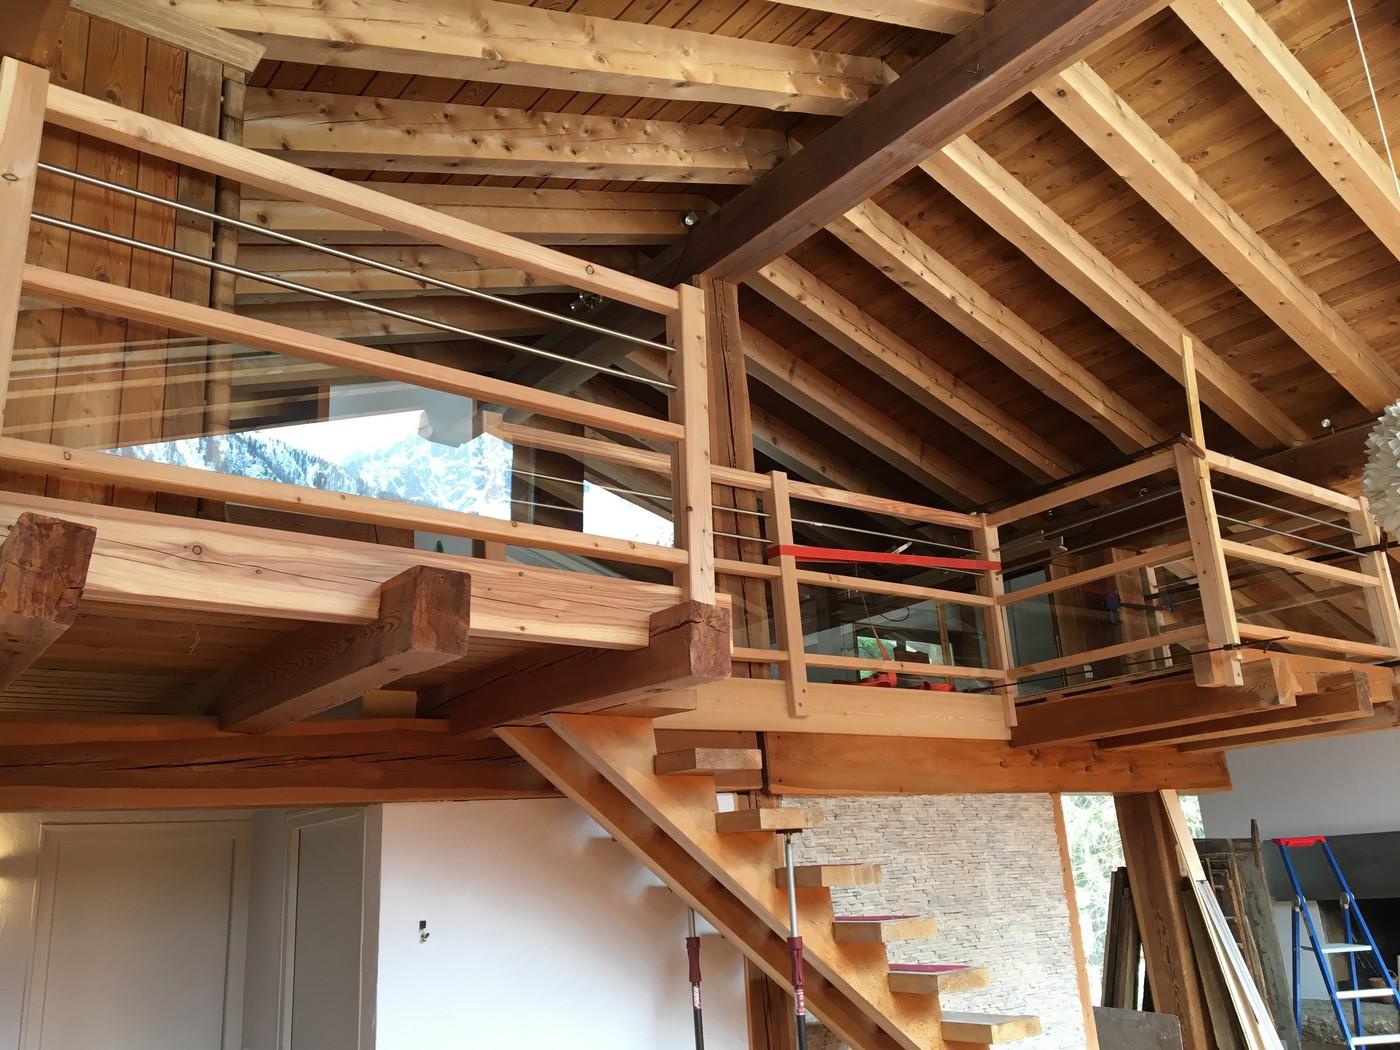 Bardage Bois Vertical Interieur damien favrel, menuisier charpentier à chamonix mont-blanc